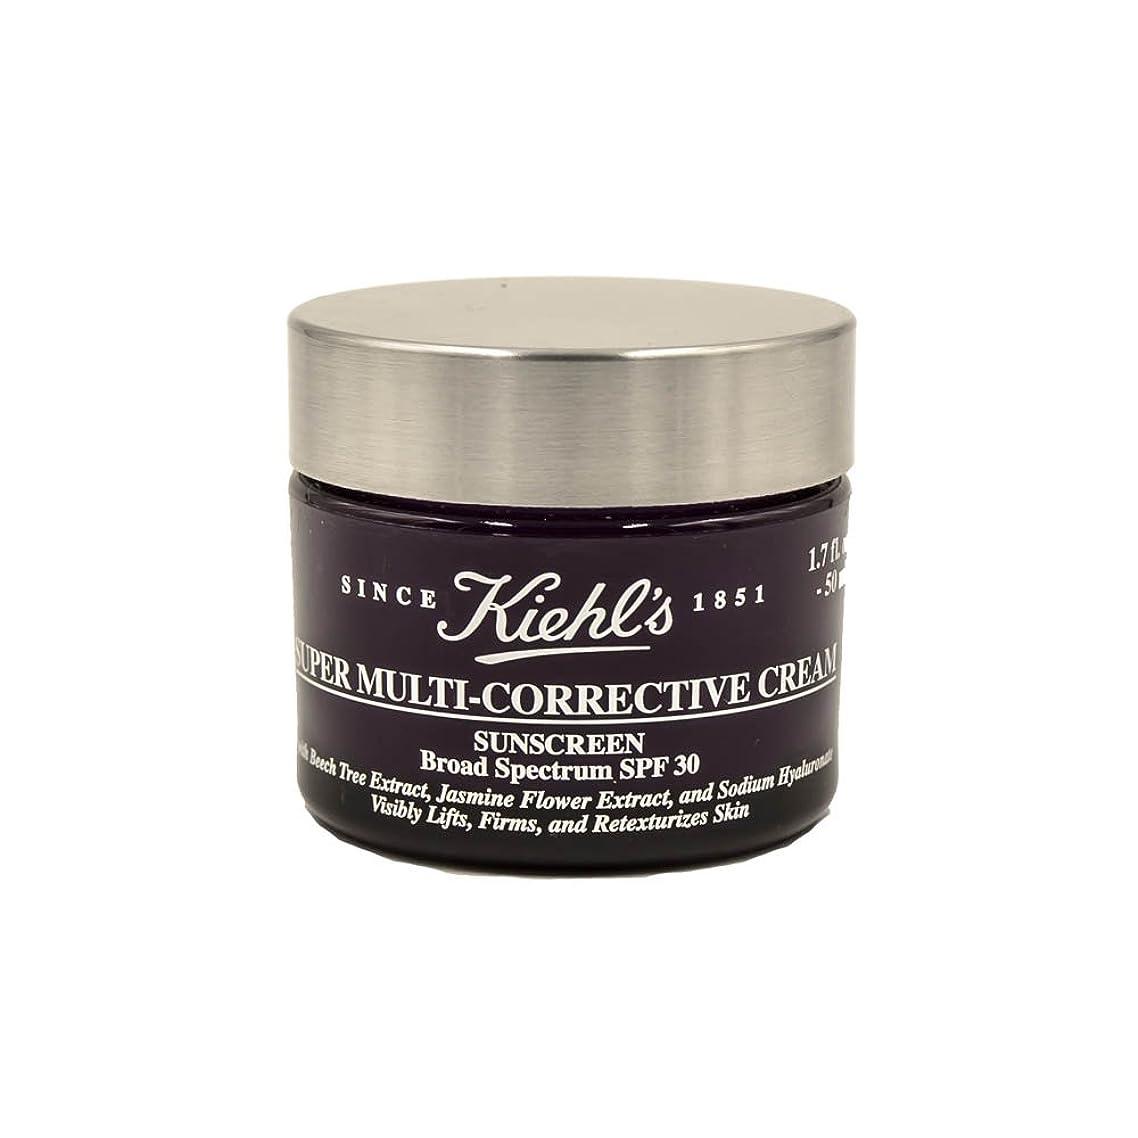 真面目なピラミッドシャトルKiehl's Super Multi-Corrective Cream Sunscreen Broad Spectrum SPF 30 1.7oz